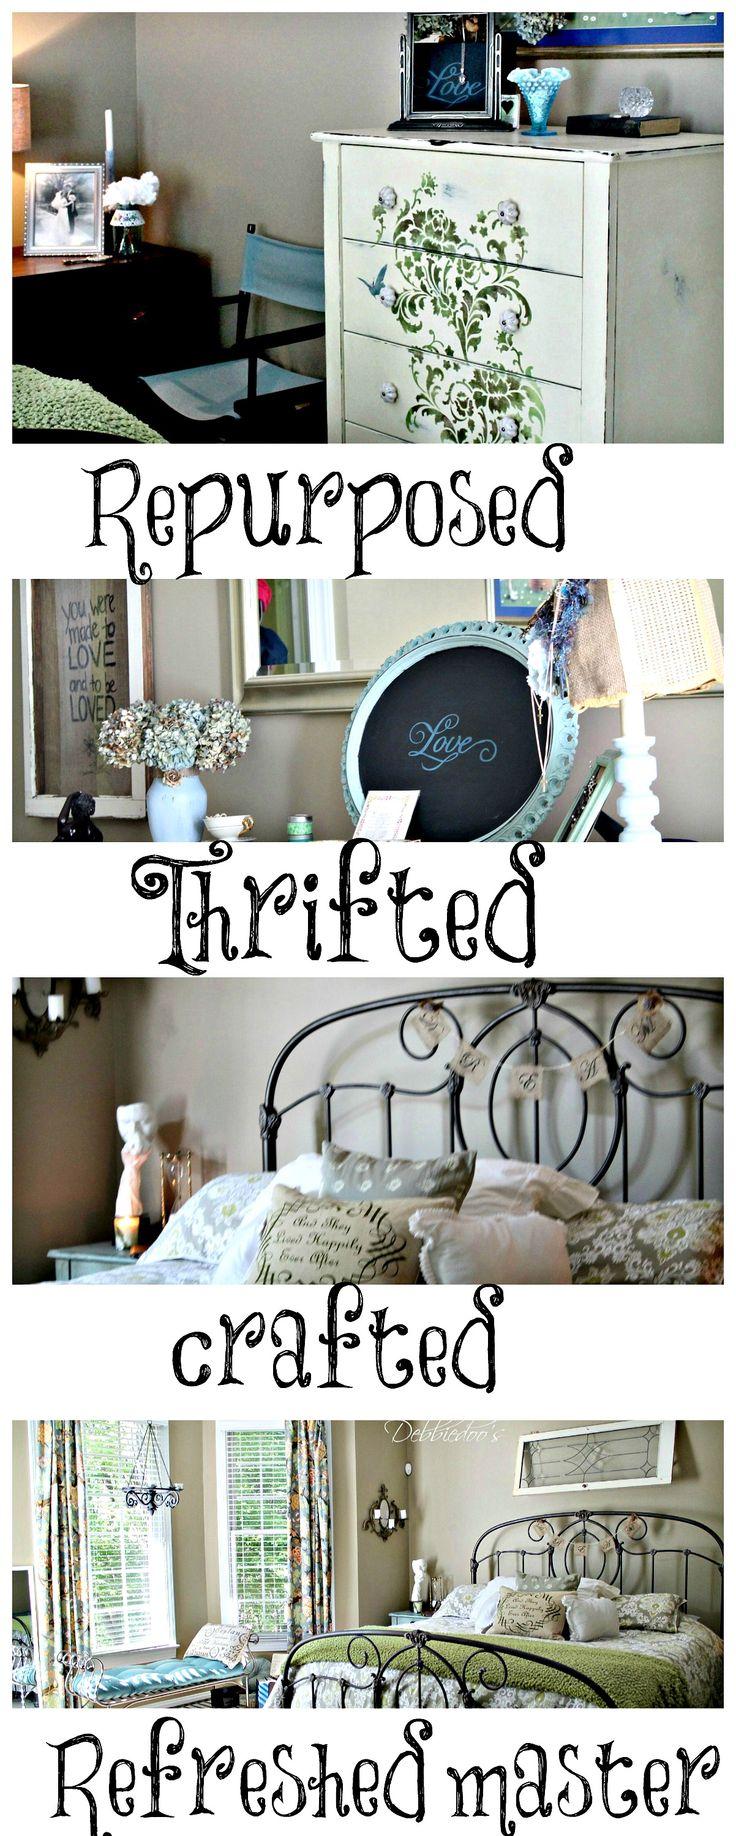 74 Best Dresser Makeover Images On Pinterest Painted Furniture Refurbished Furniture And